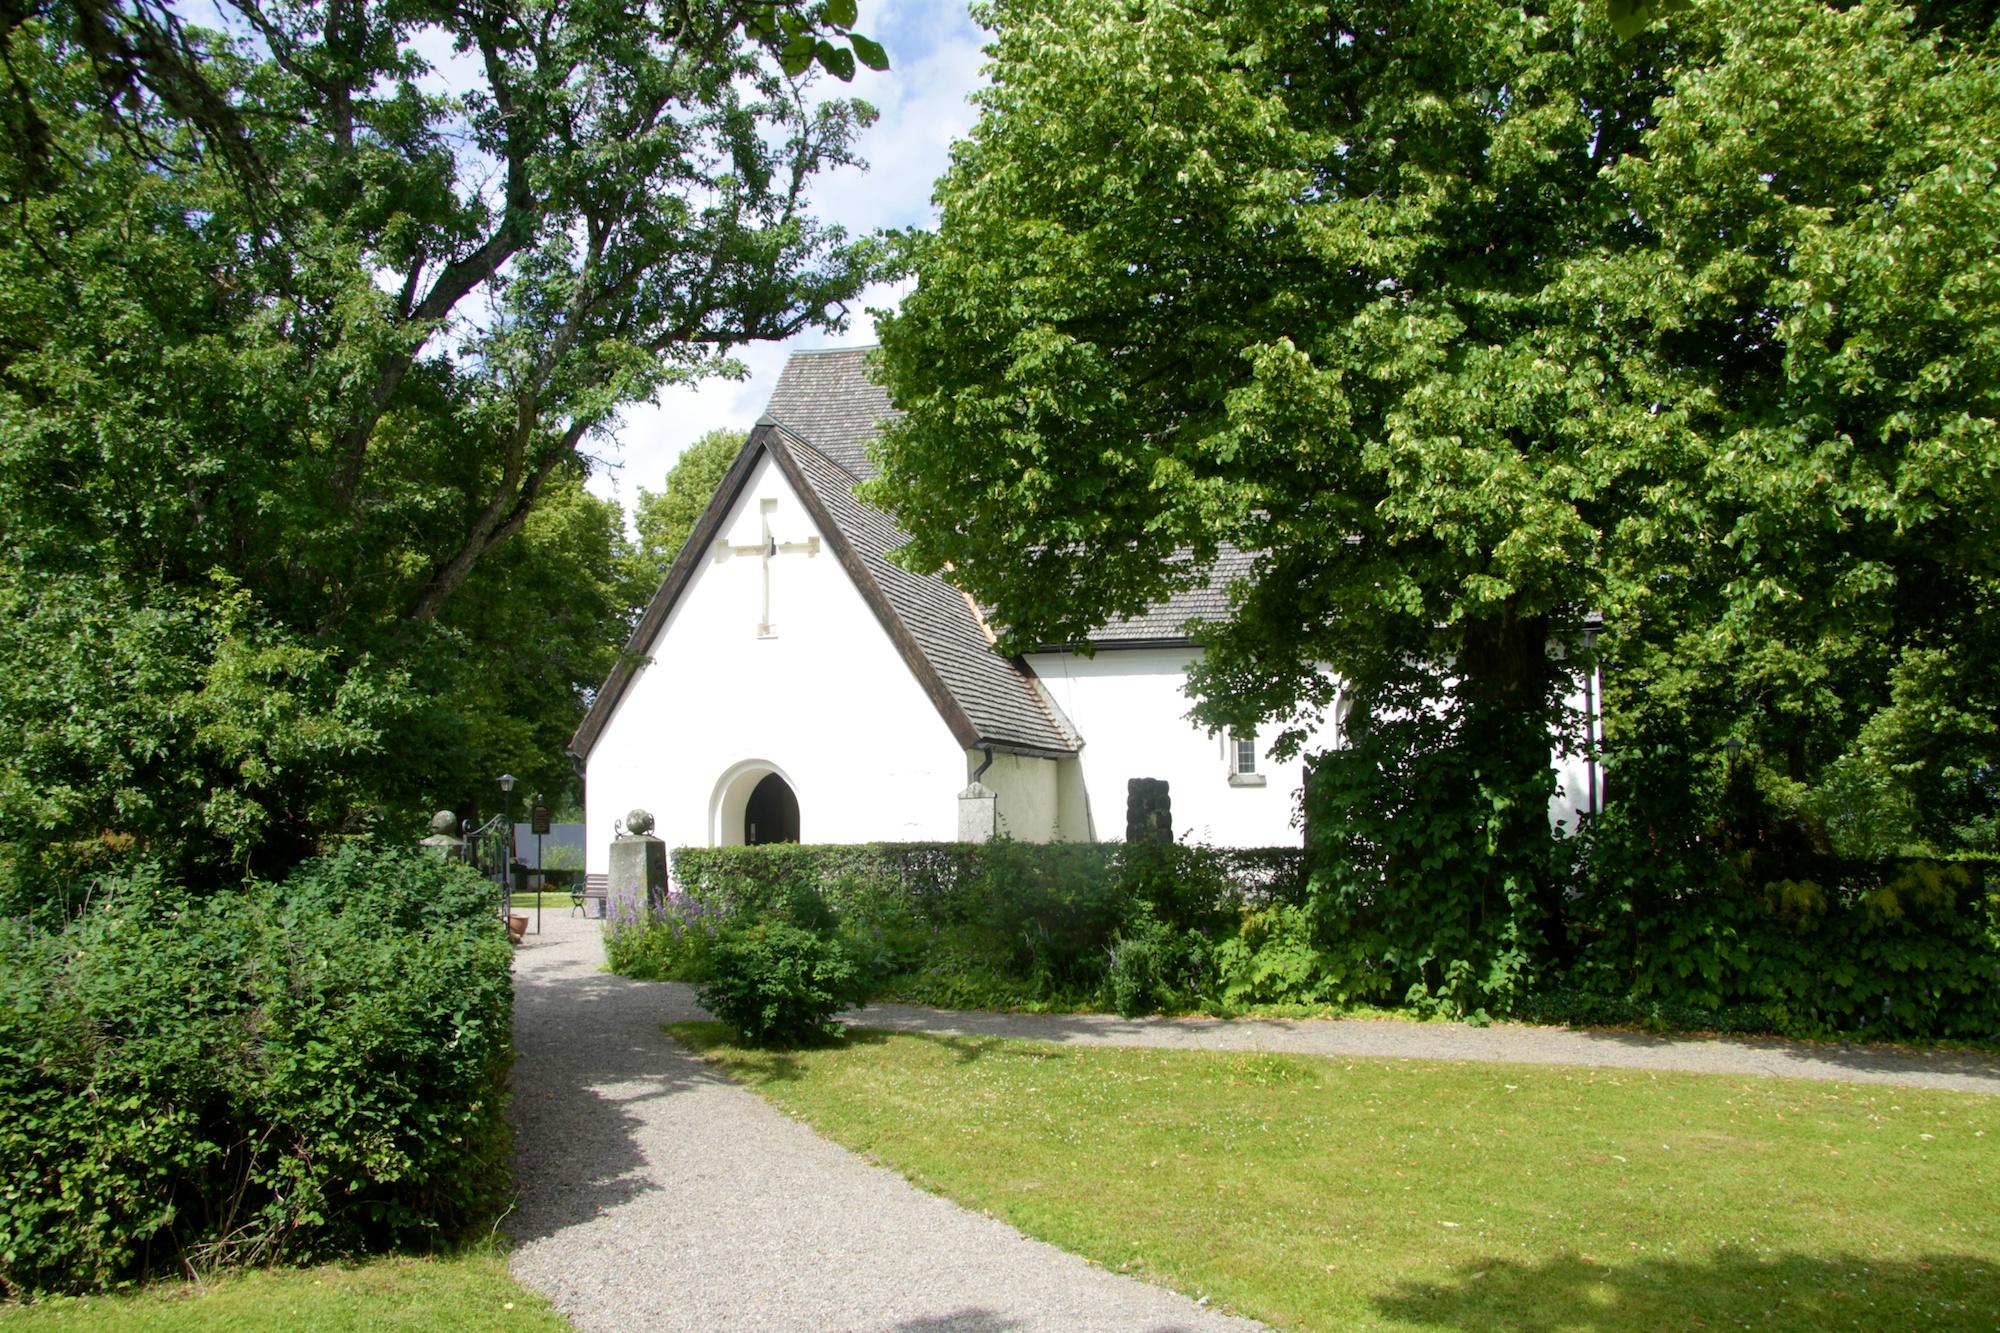 H%C3%A4rnevi kyrka2